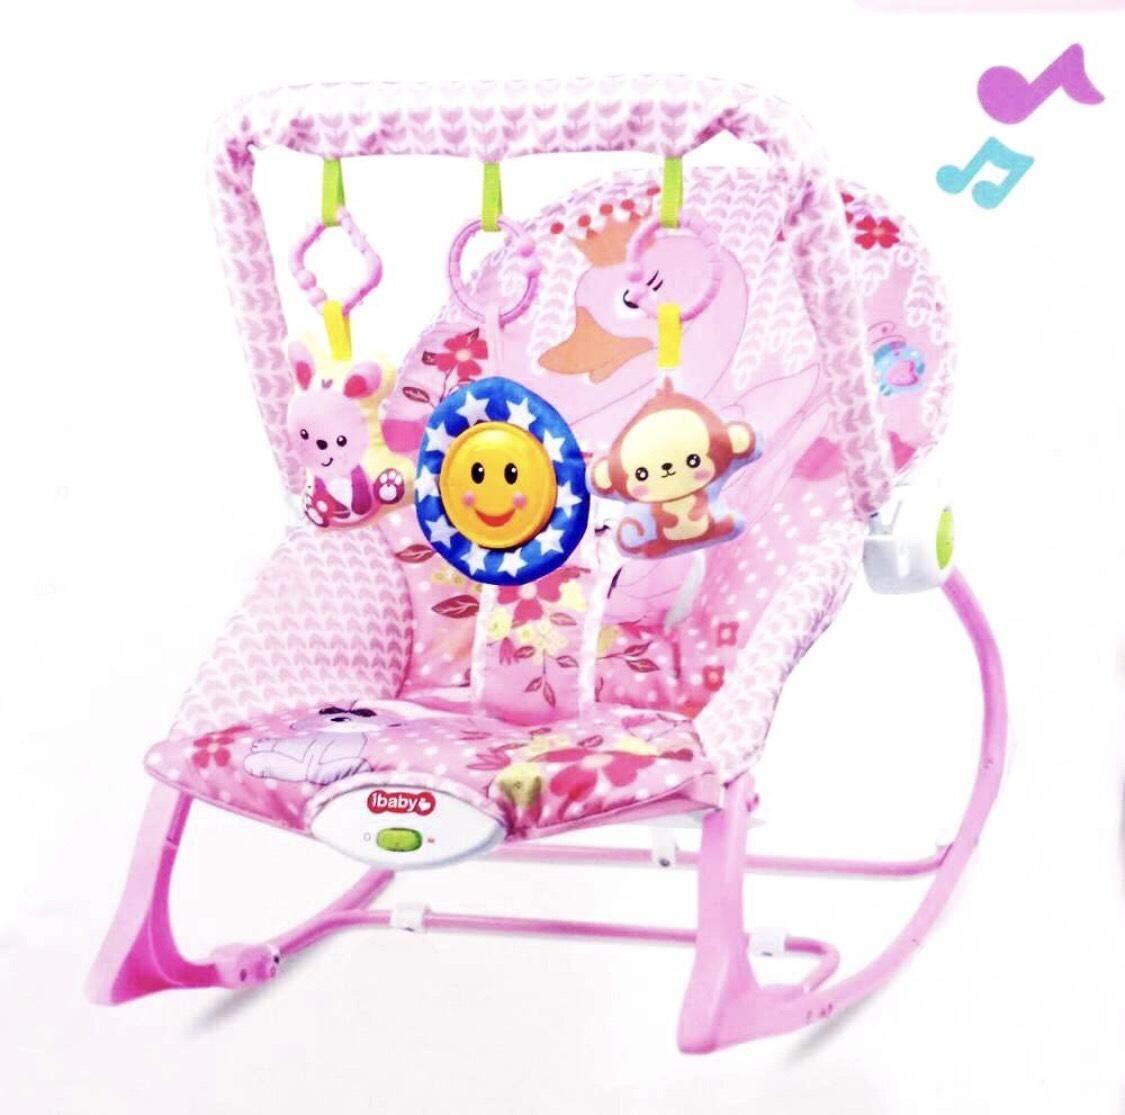 เปลโยก เก้าอี้โยก มีเสียงเพลง Ibaby Infant-to-toddler Rocker พิเศษ